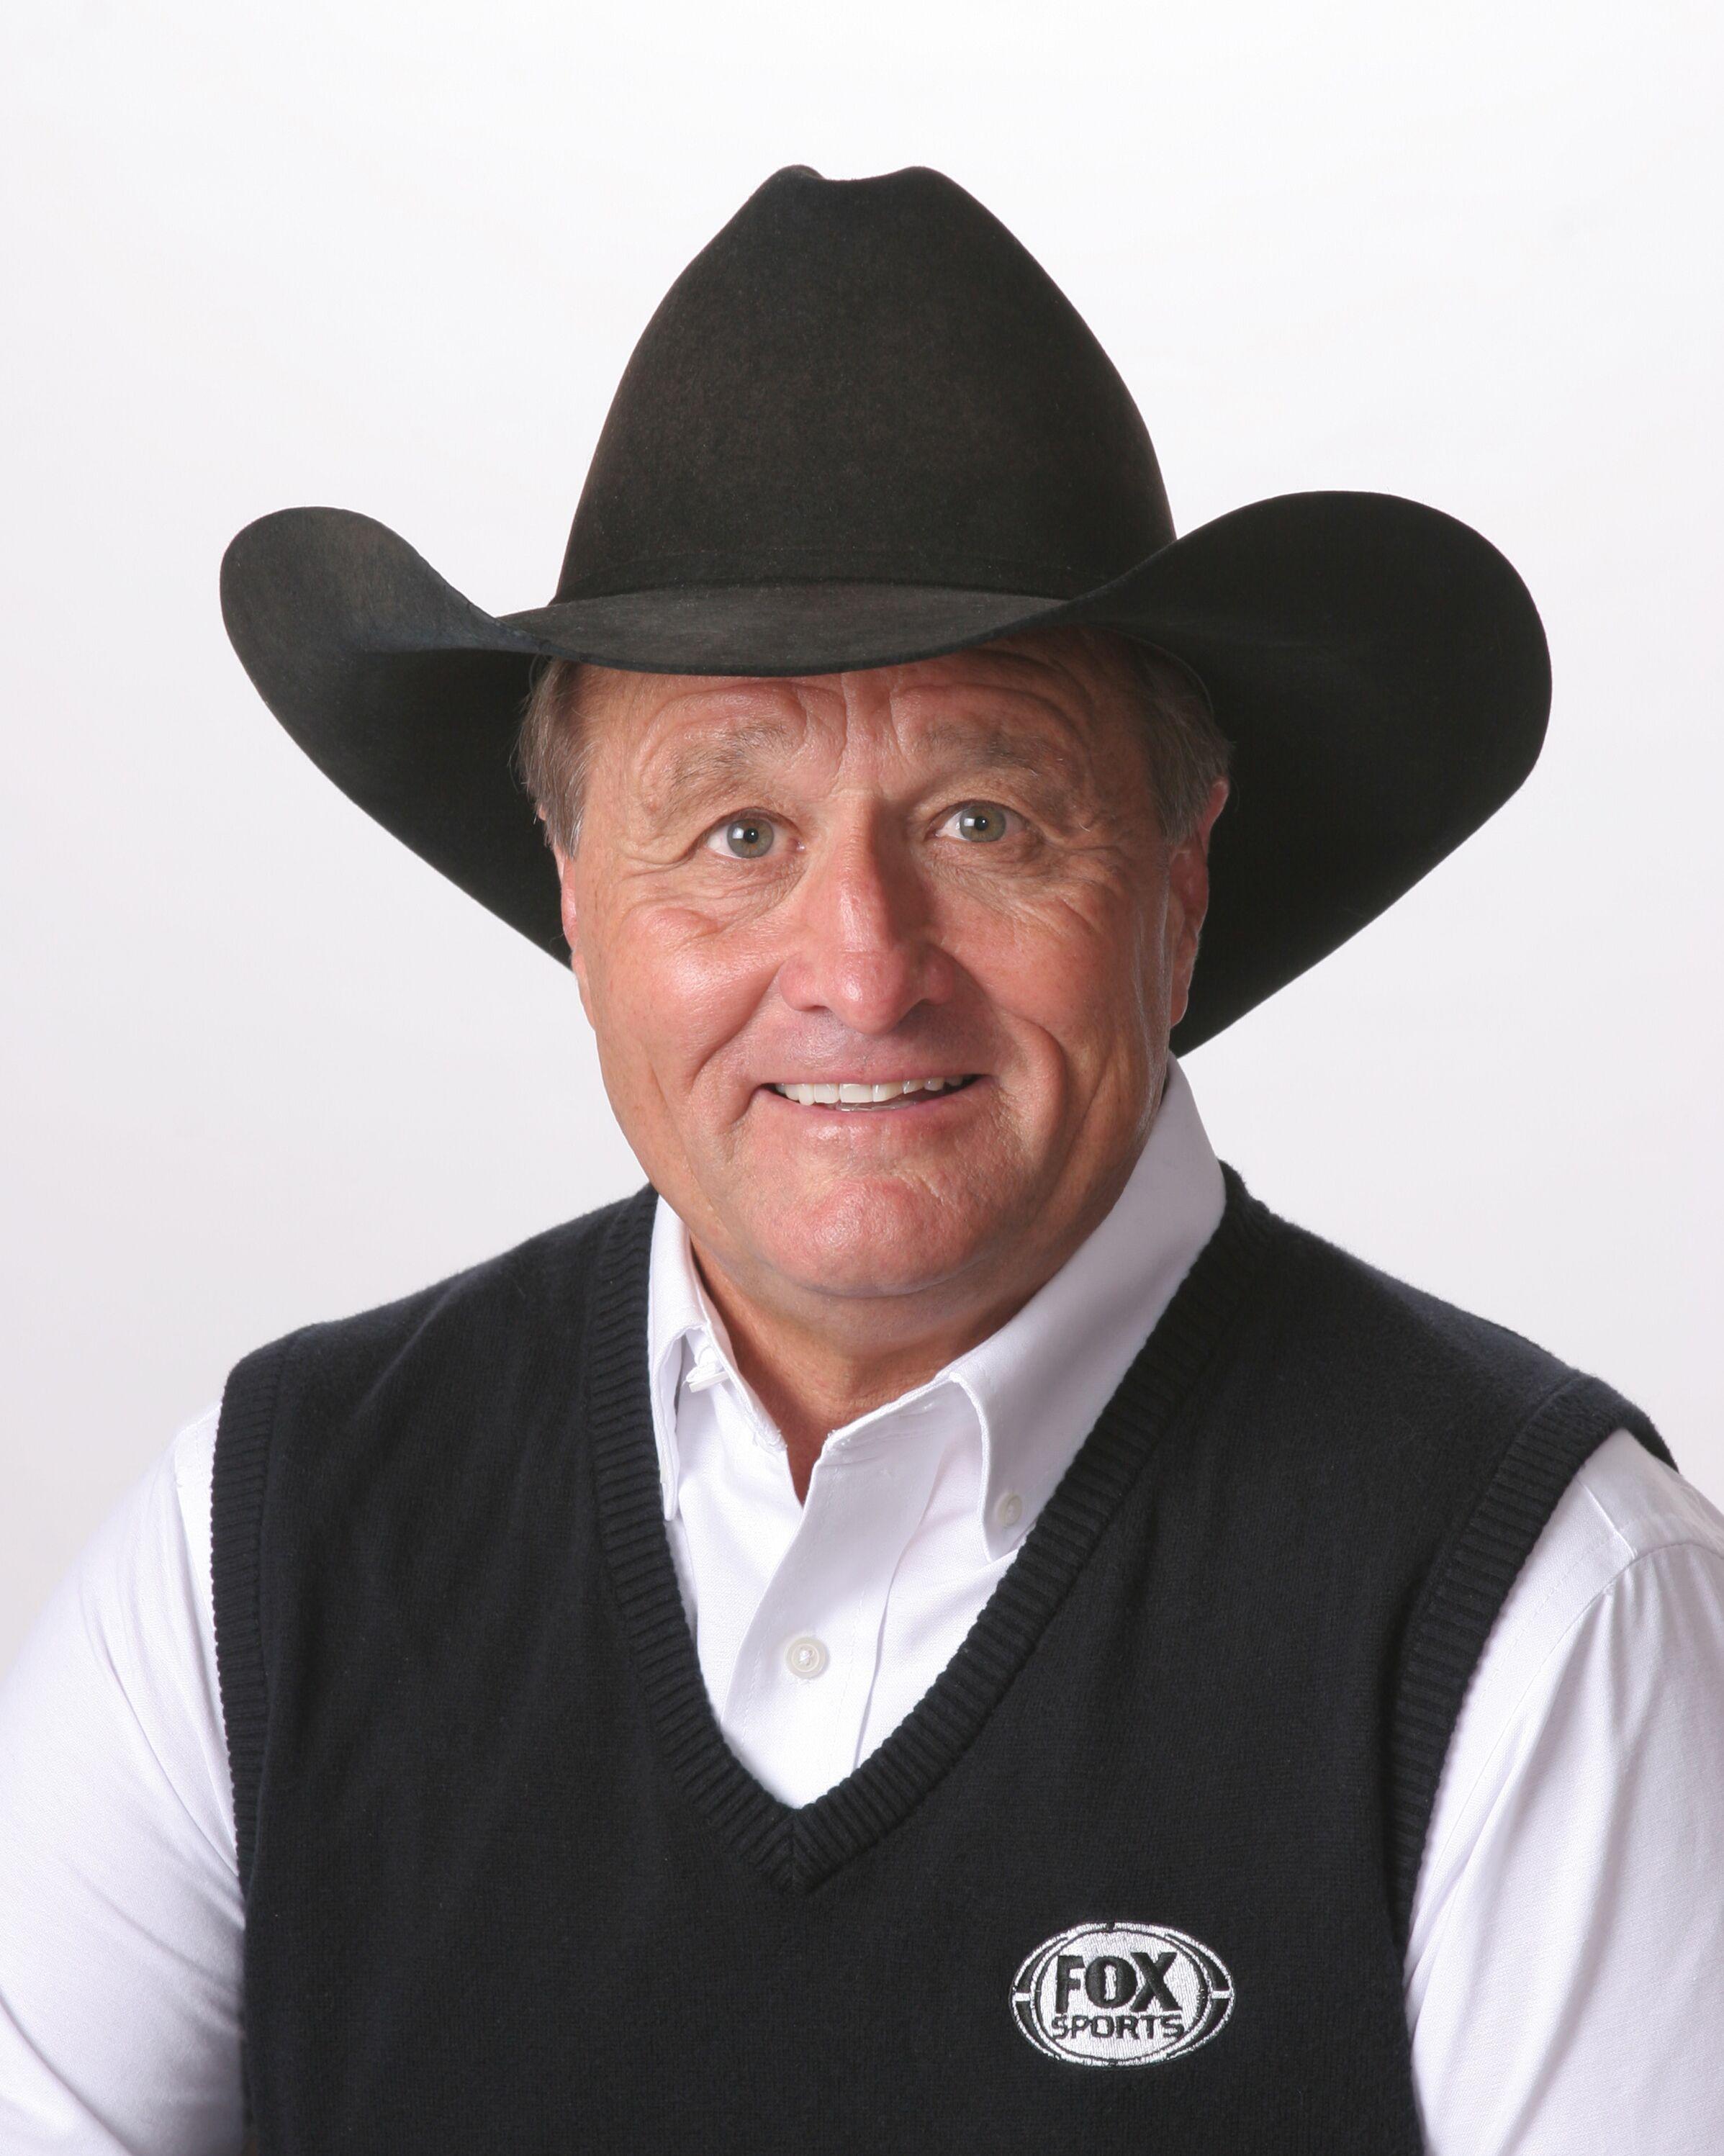 Championship Motivation - Motivational Speaker - Denton, TX